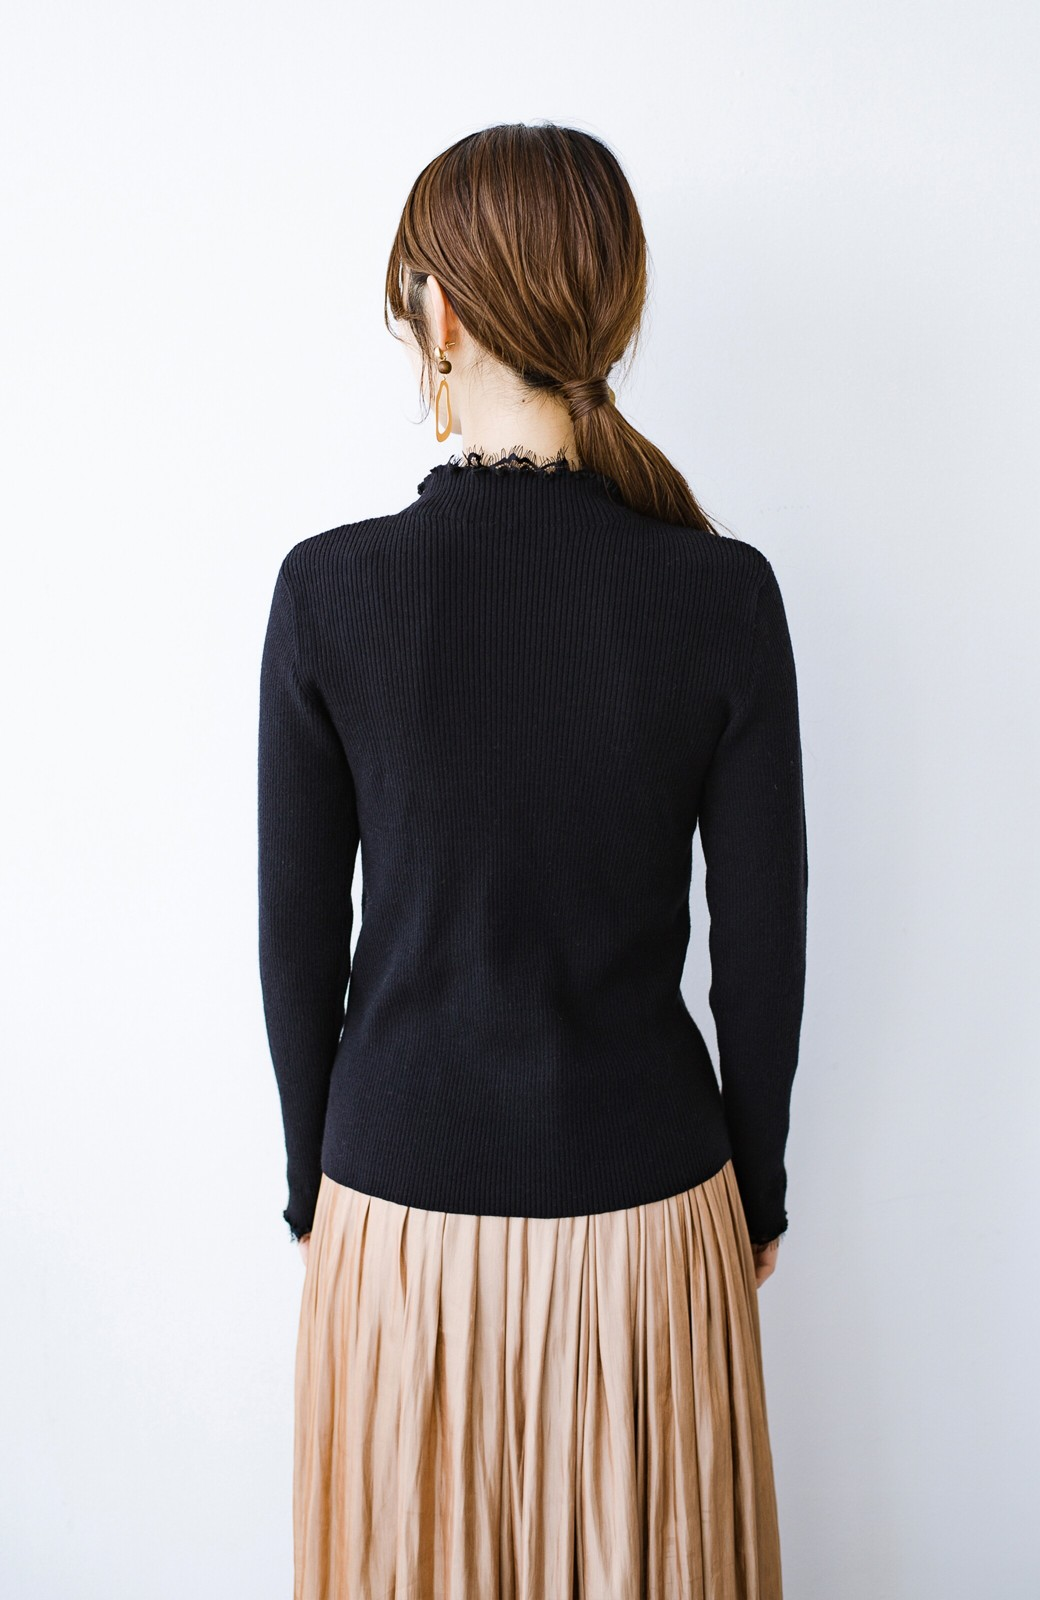 haco! 1枚でも重ね着でも便利!合わせやすくてかわいげを足せる 衿レース付きニットby style zampa <ブラック>の商品写真14